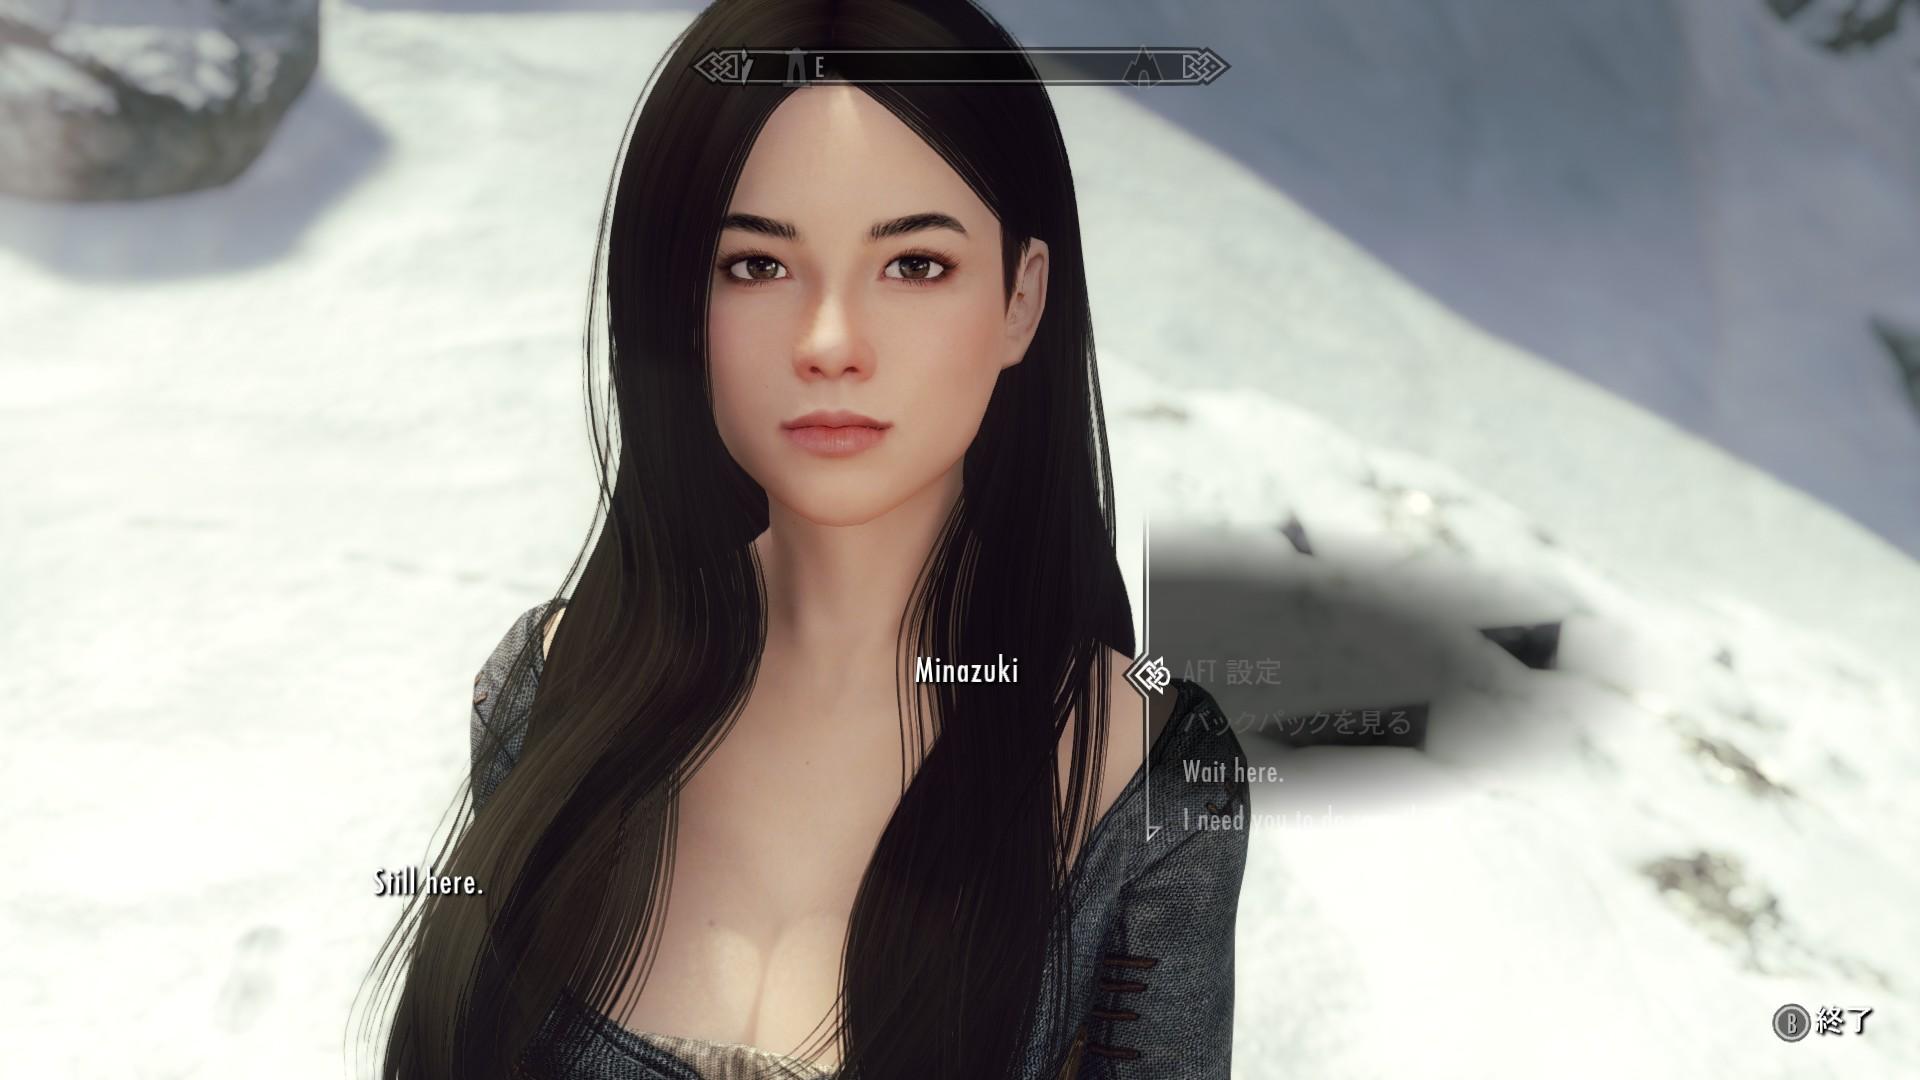 Автономный последователь Миназуки для игры Скайрим